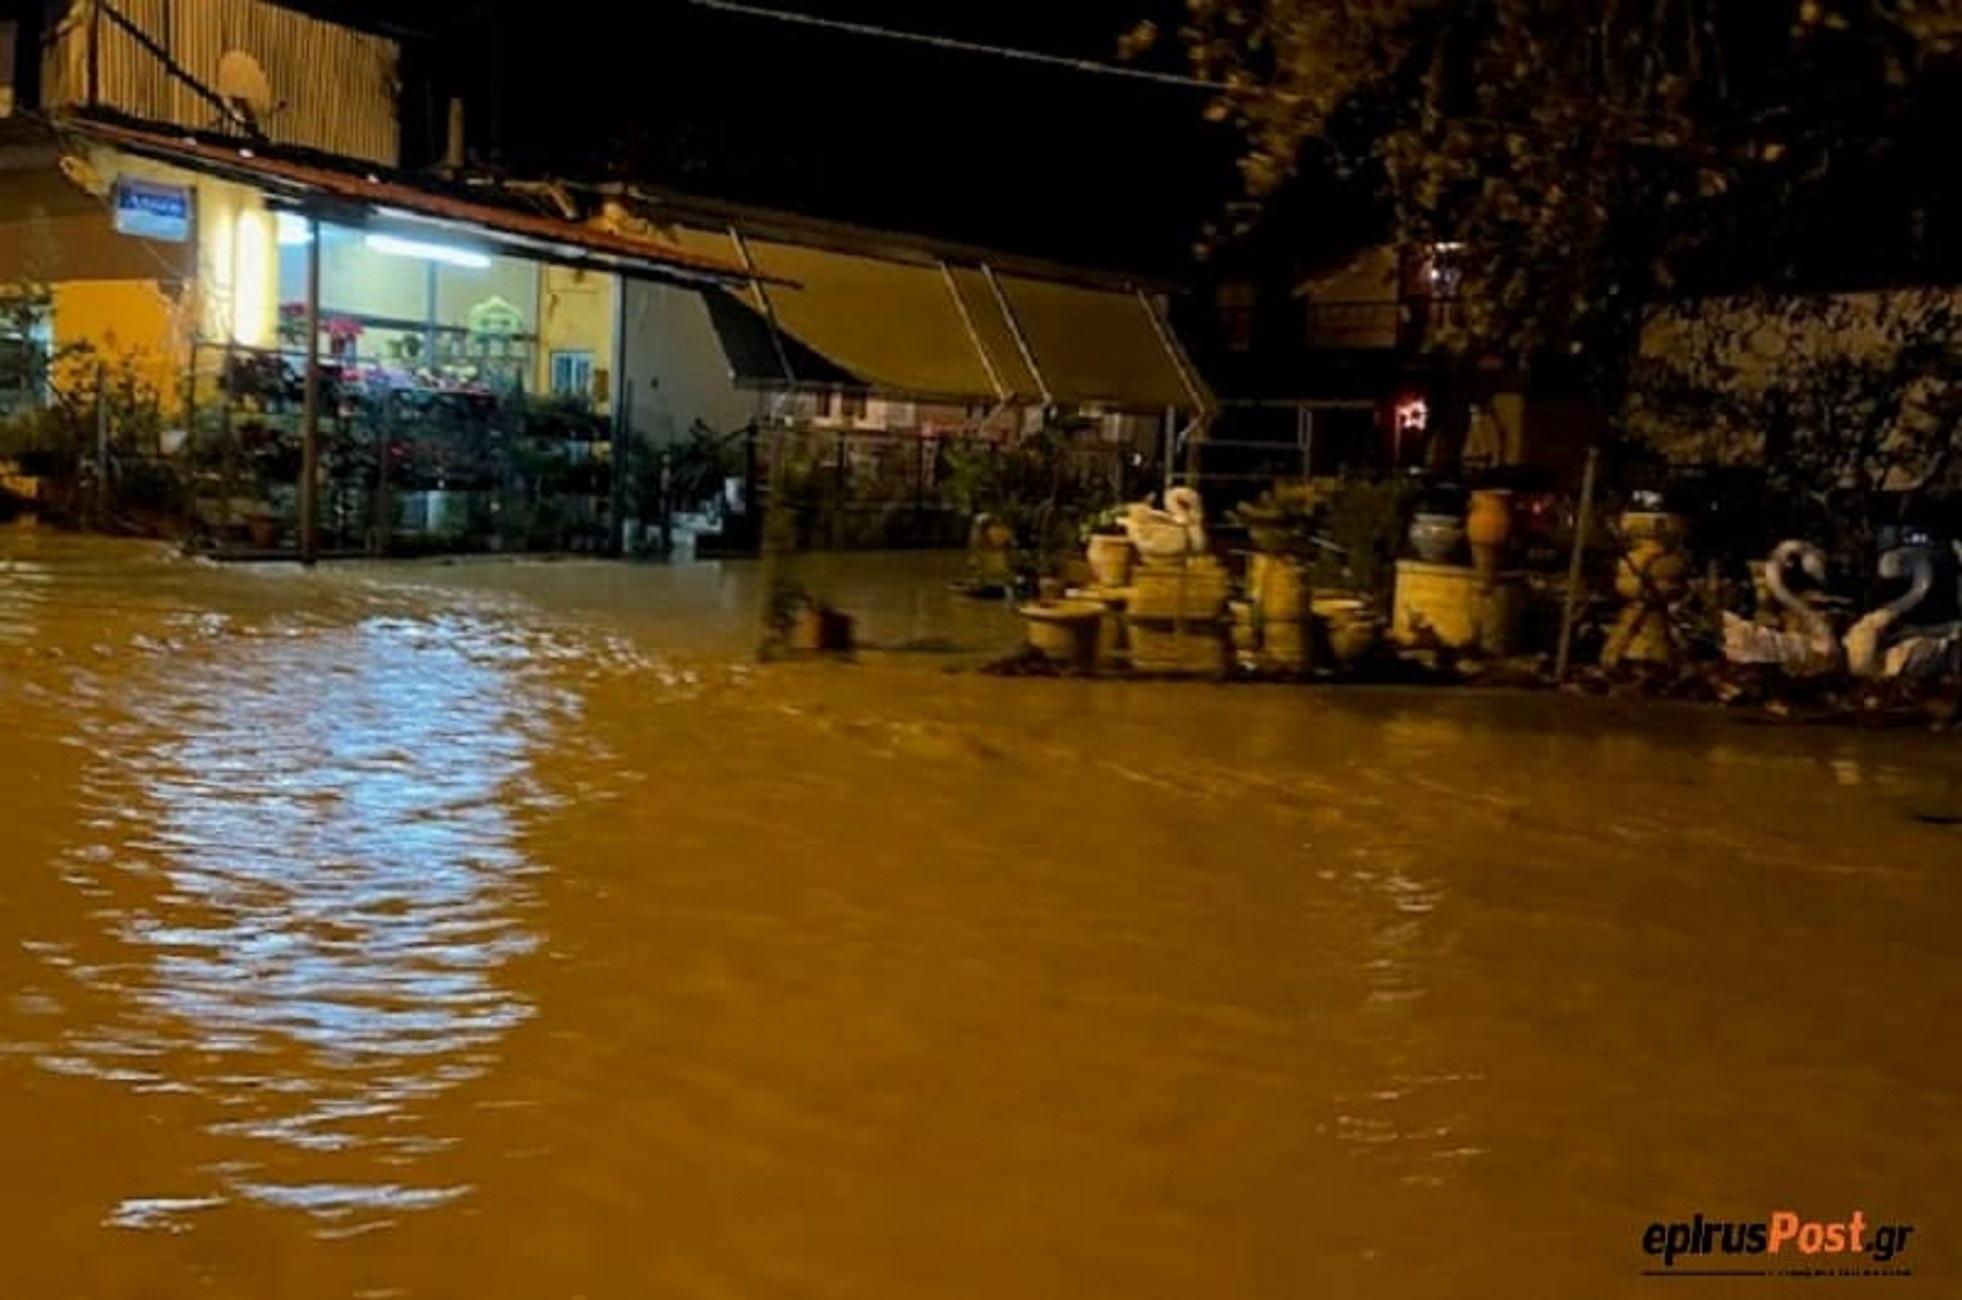 «Βούλιαξαν» Άρτα και Αιτωλοακαρνανία! Πλημμύρες από τη συνεχή βροχόπτωση και πολλά προβλήματα